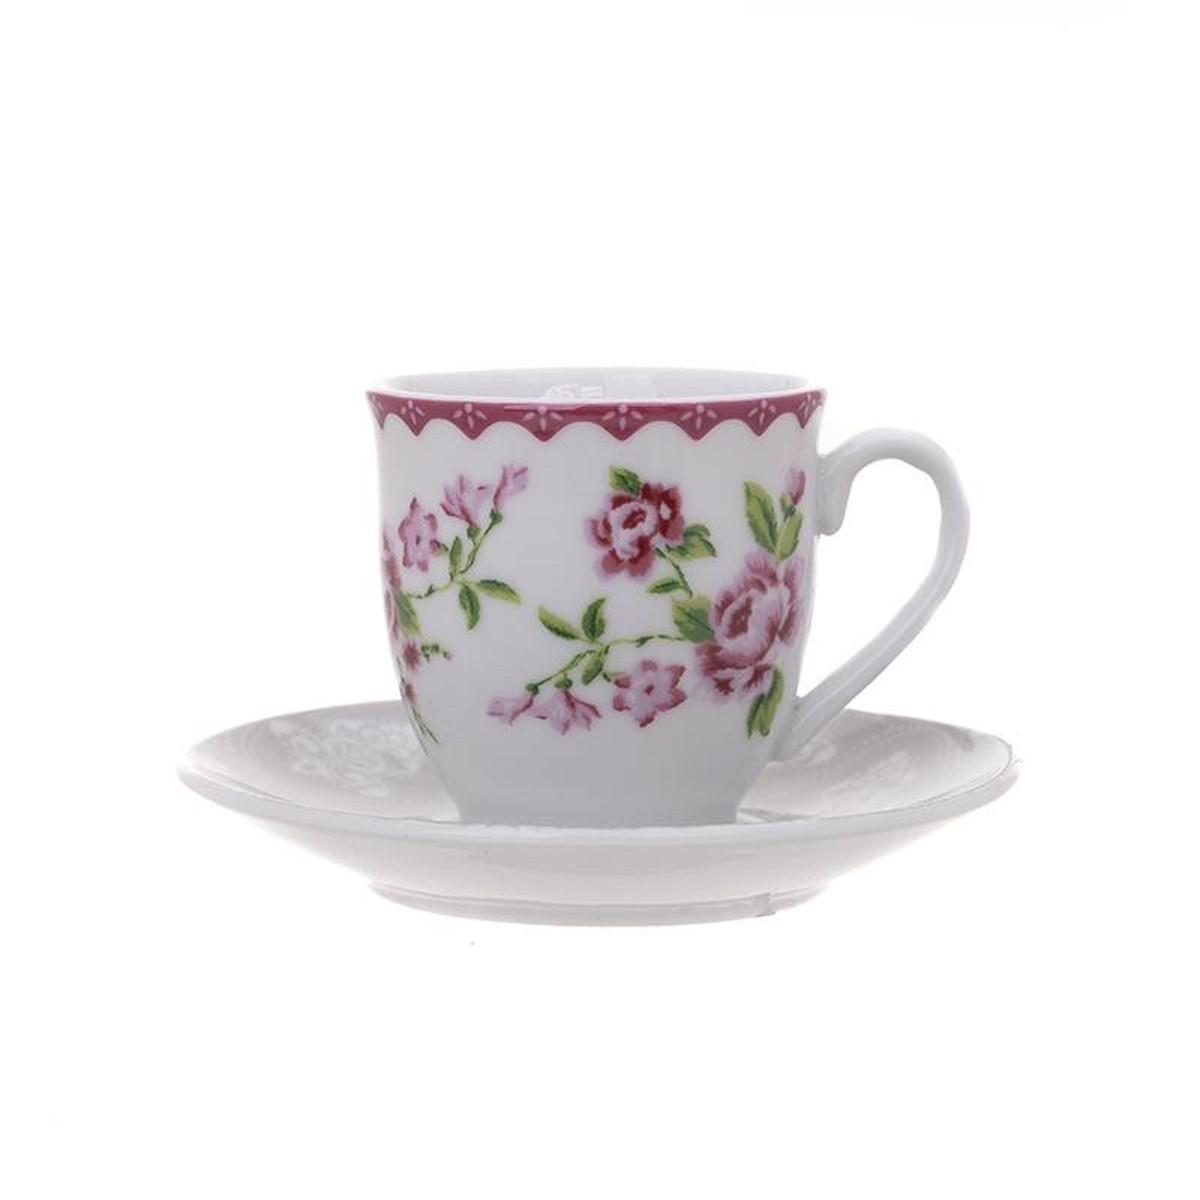 Φλυτζάνια Καφέ (Σετ 6τμχ) InArt Matilda 3-60-140-0098 58490